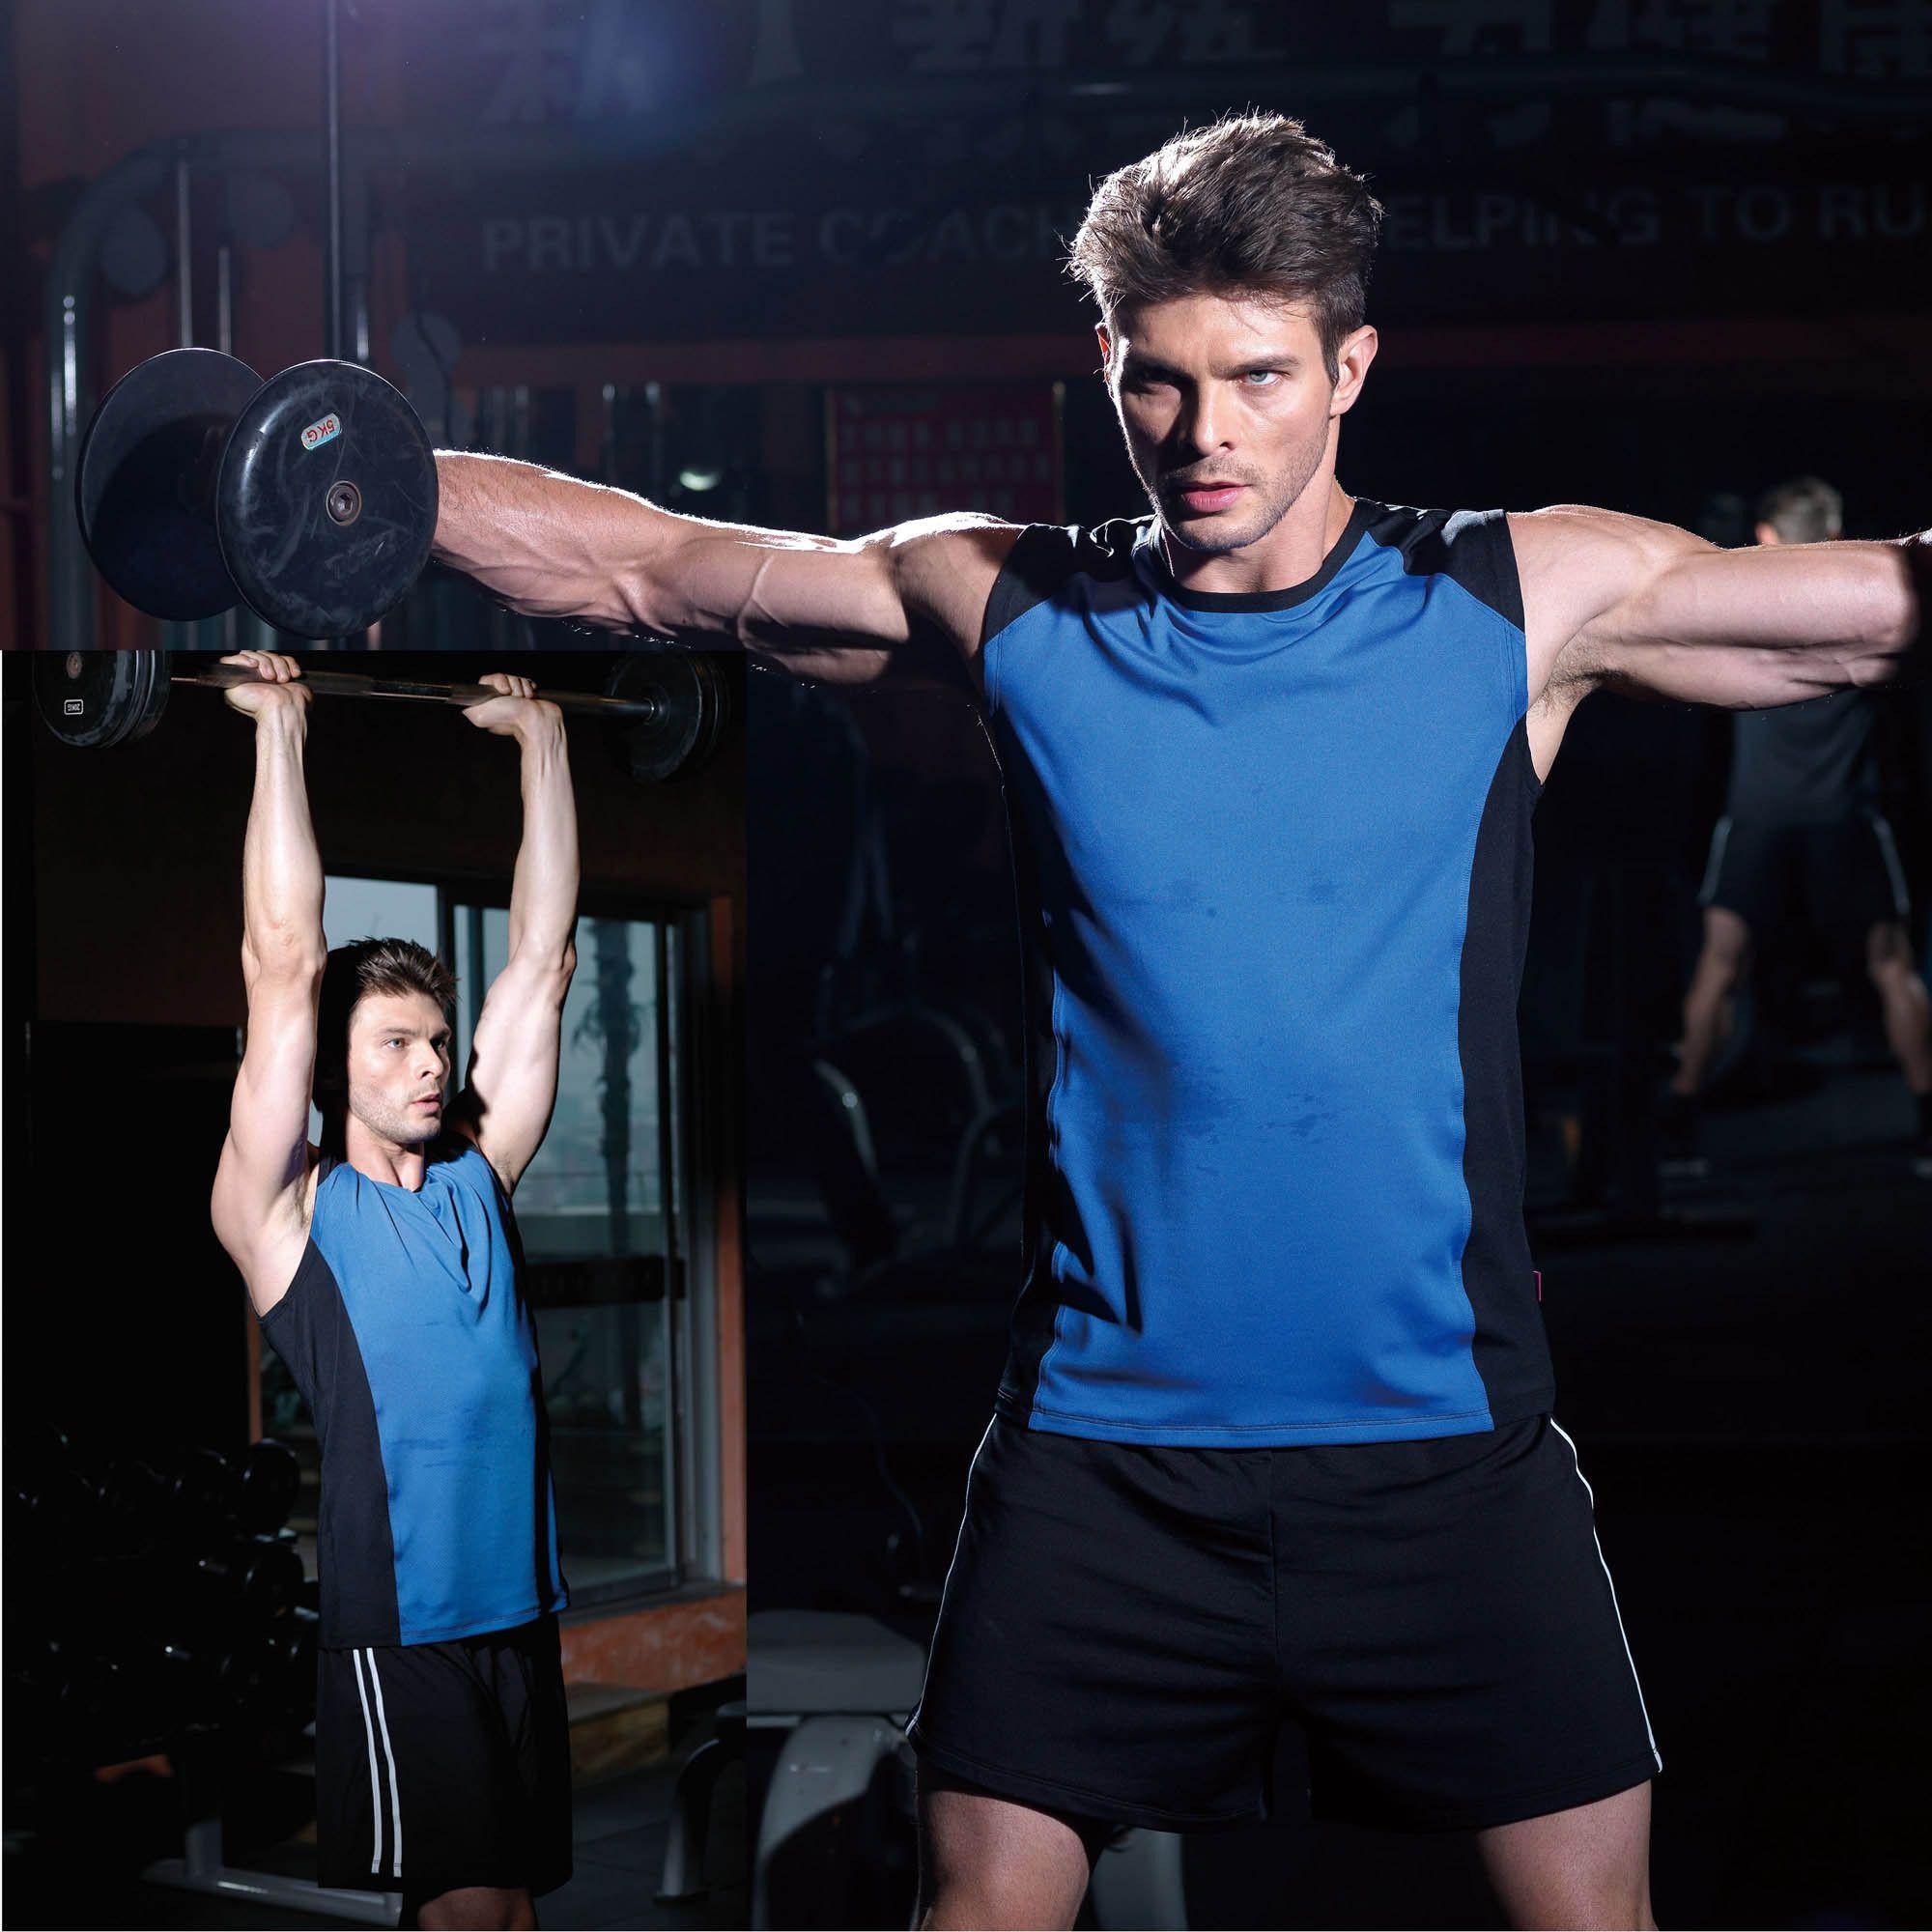 La mejor ropa deportiva para ir al gimnasio la for Deportivas para gimnasio